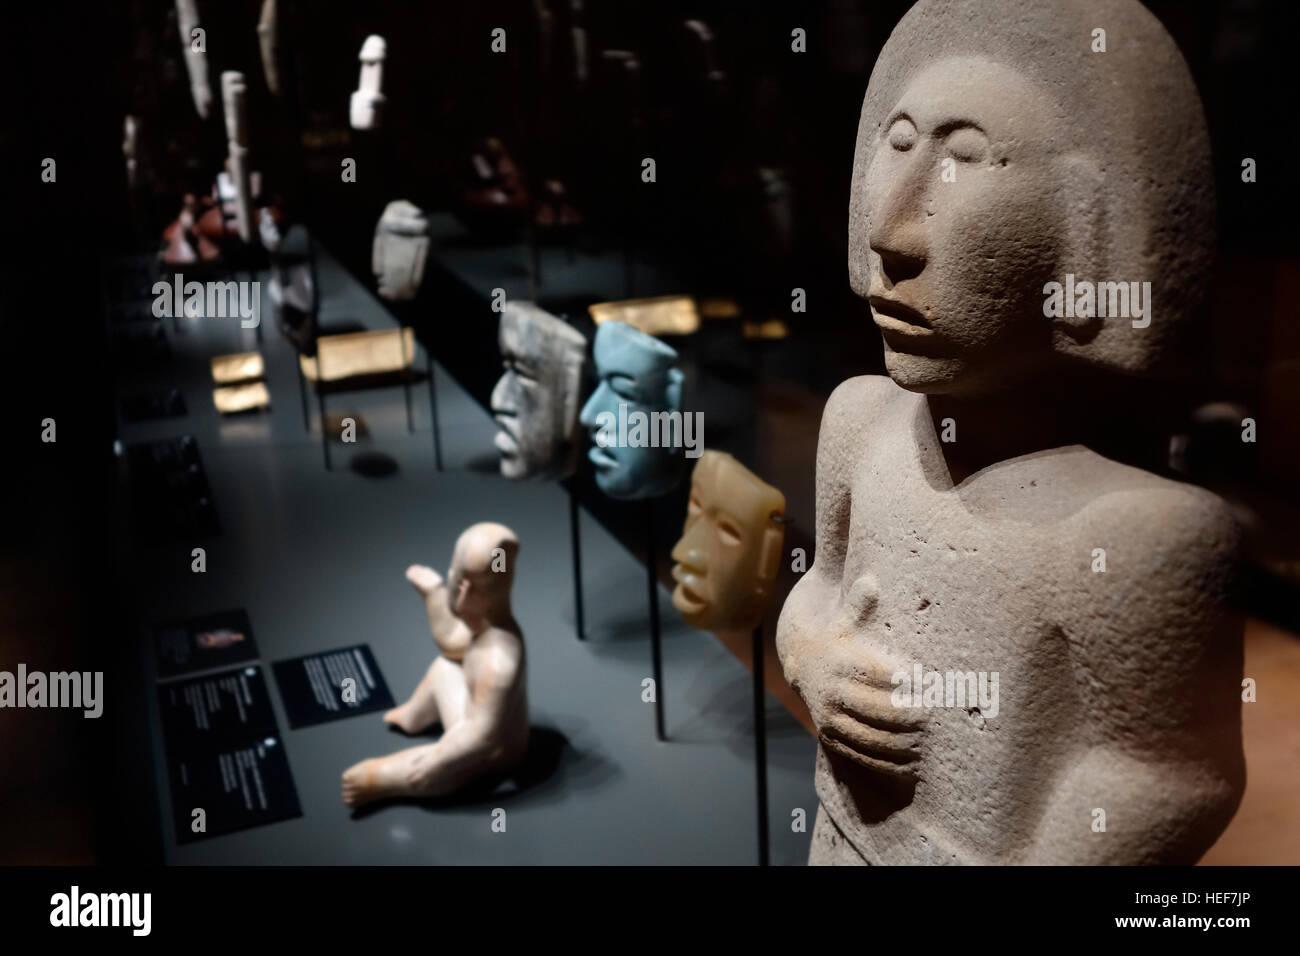 Huastec / Téenek stone sculpture from Mexico at MAS / Museum aan de Stroom, Antwerp, Belgium - Stock Image